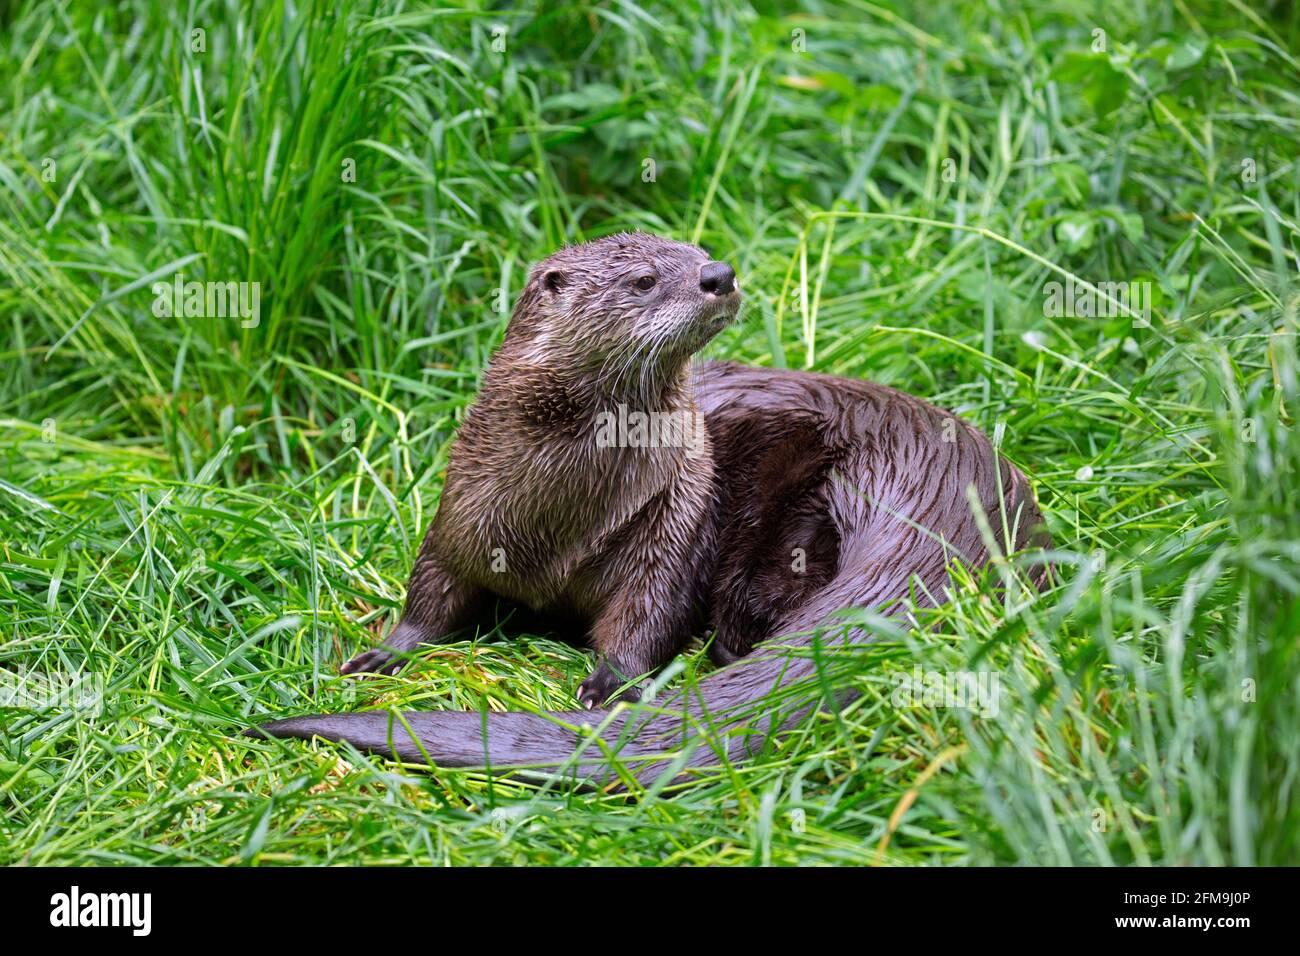 Loutre eurasien / loutre de rivière européen (Lutra lutra) sur terre dans l'herbe de la rive de la rivière / berge dans ressort Banque D'Images